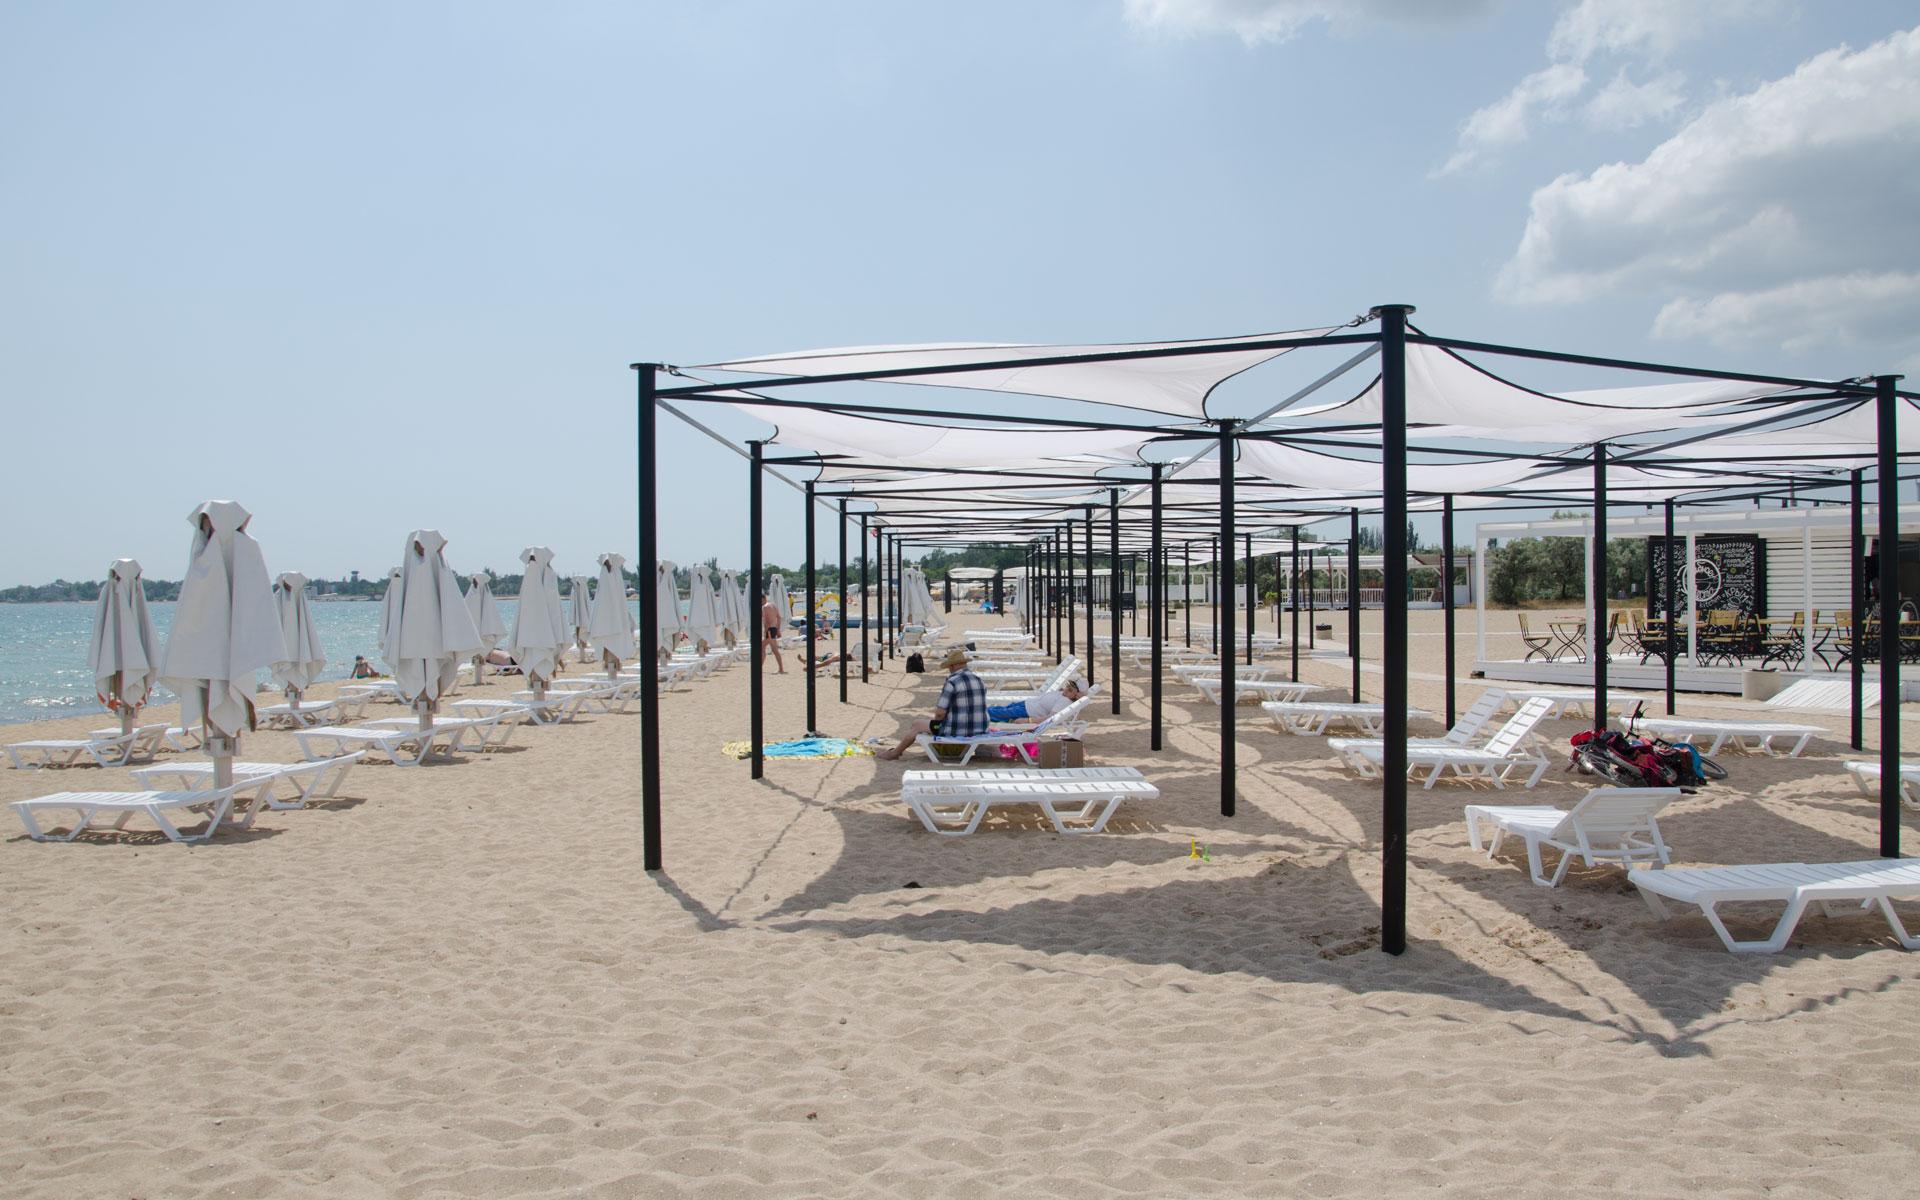 Бесплатные теневые навесы на пляже. Фото Заозёрного